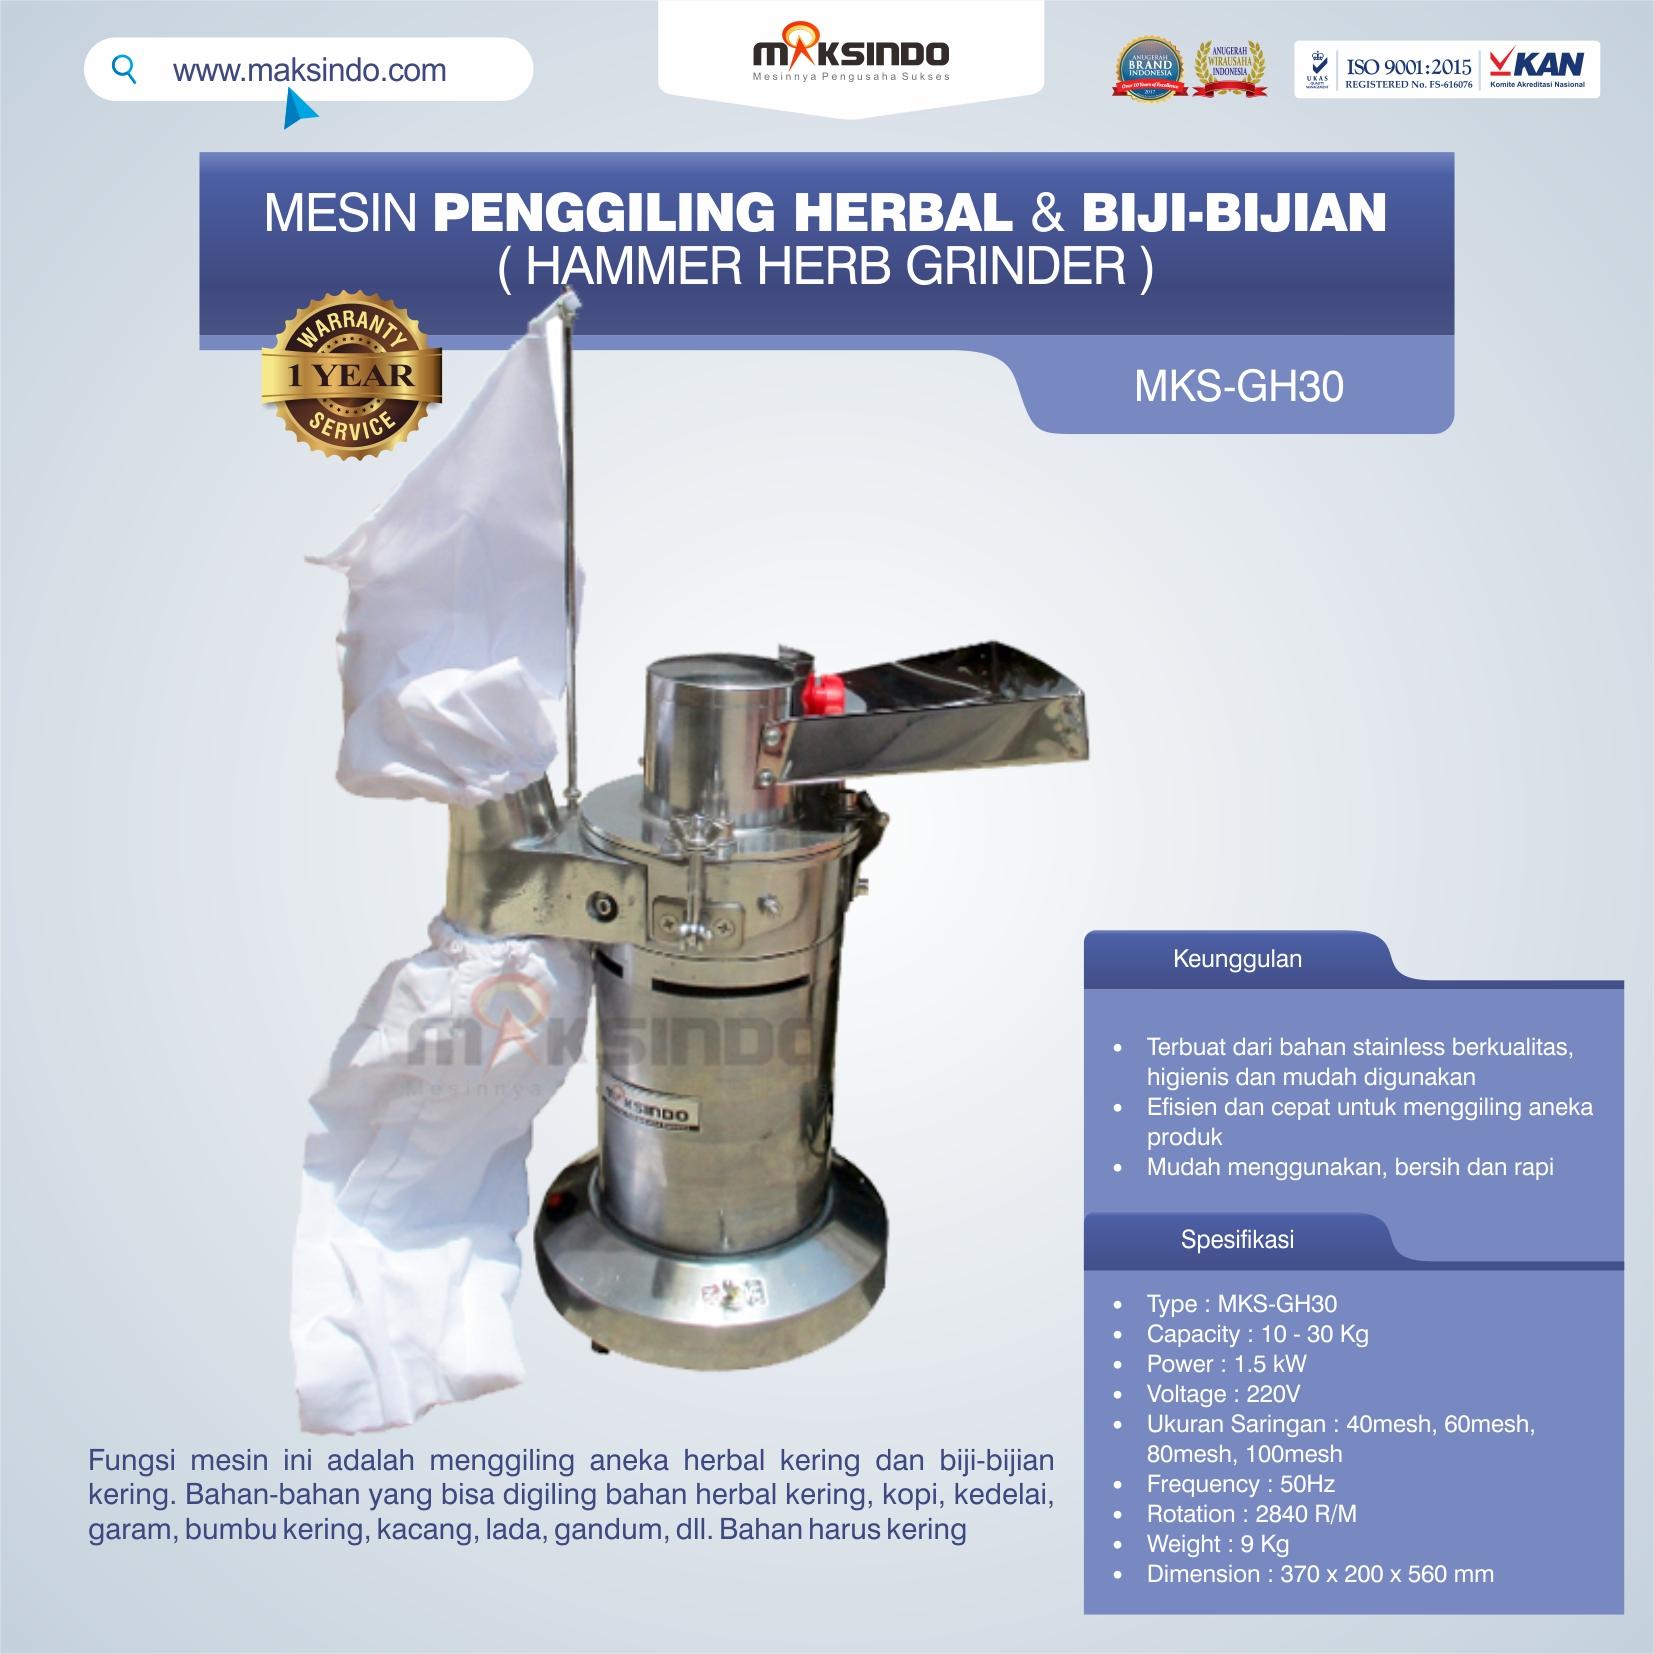 Jual Penggiling Herbal dan Biji-Bijian (GH-30) di Yogyakarta